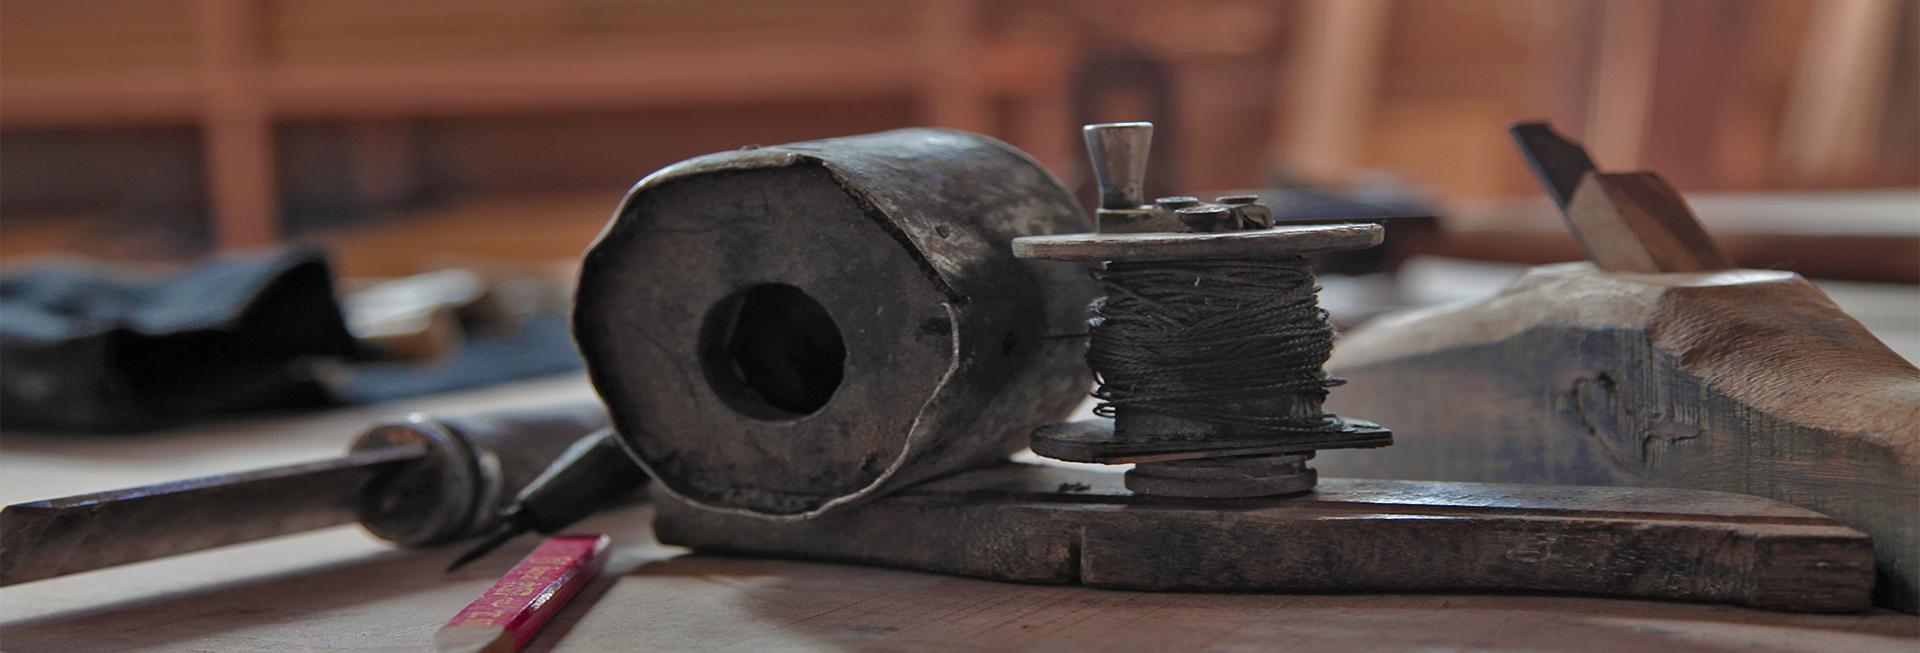 神工實木家具廠家提示:網購實木家具一定要警惕這四個大坑